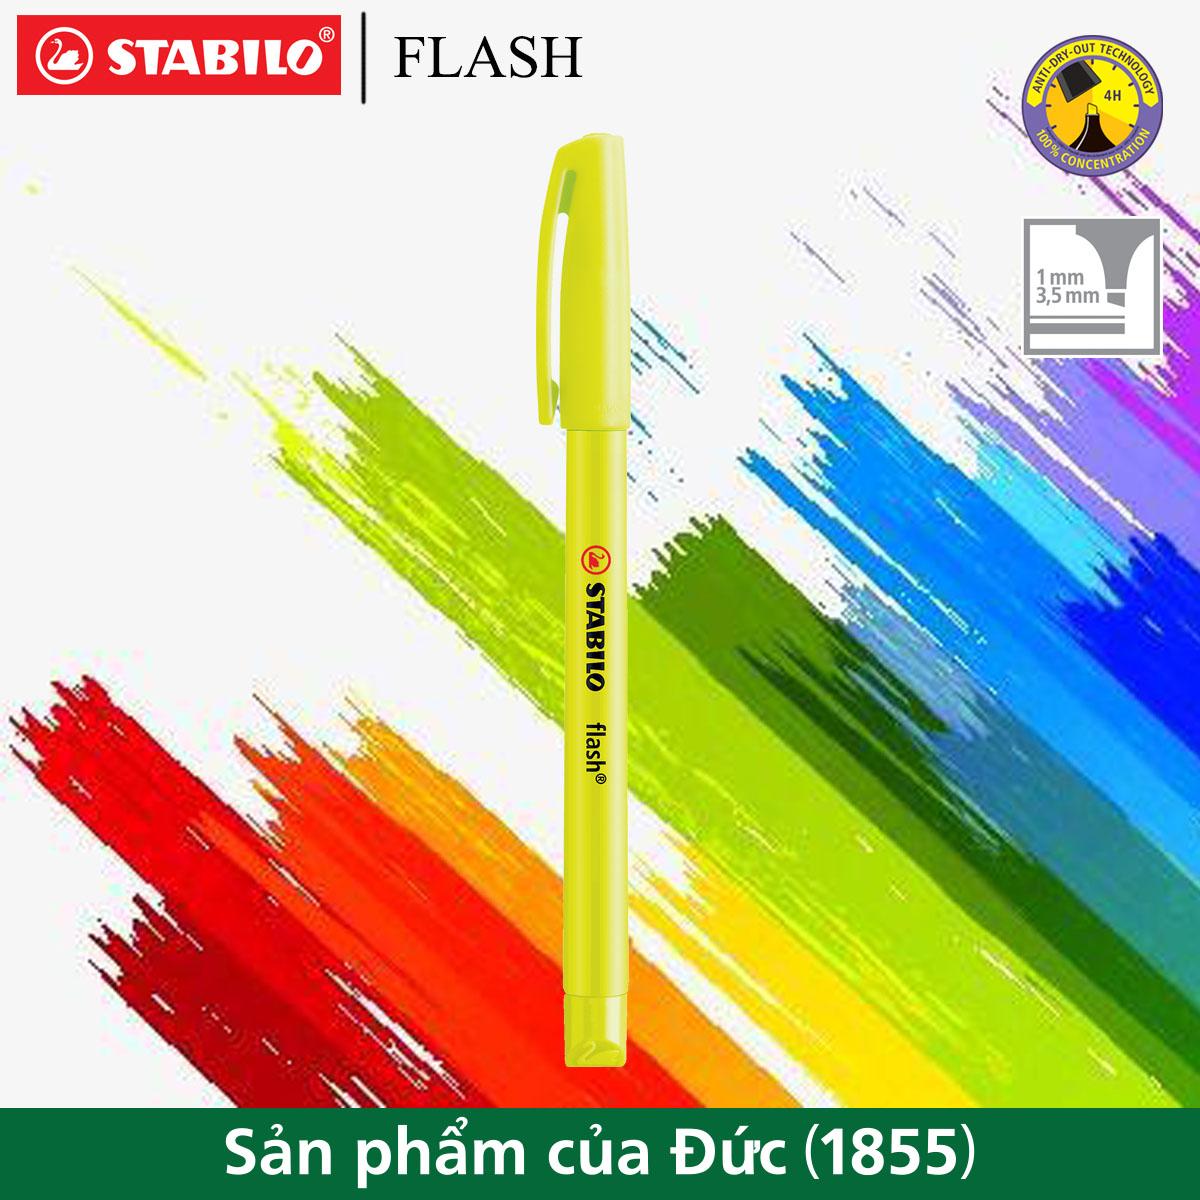 Bút dạ quang STABILO FLASH HL555